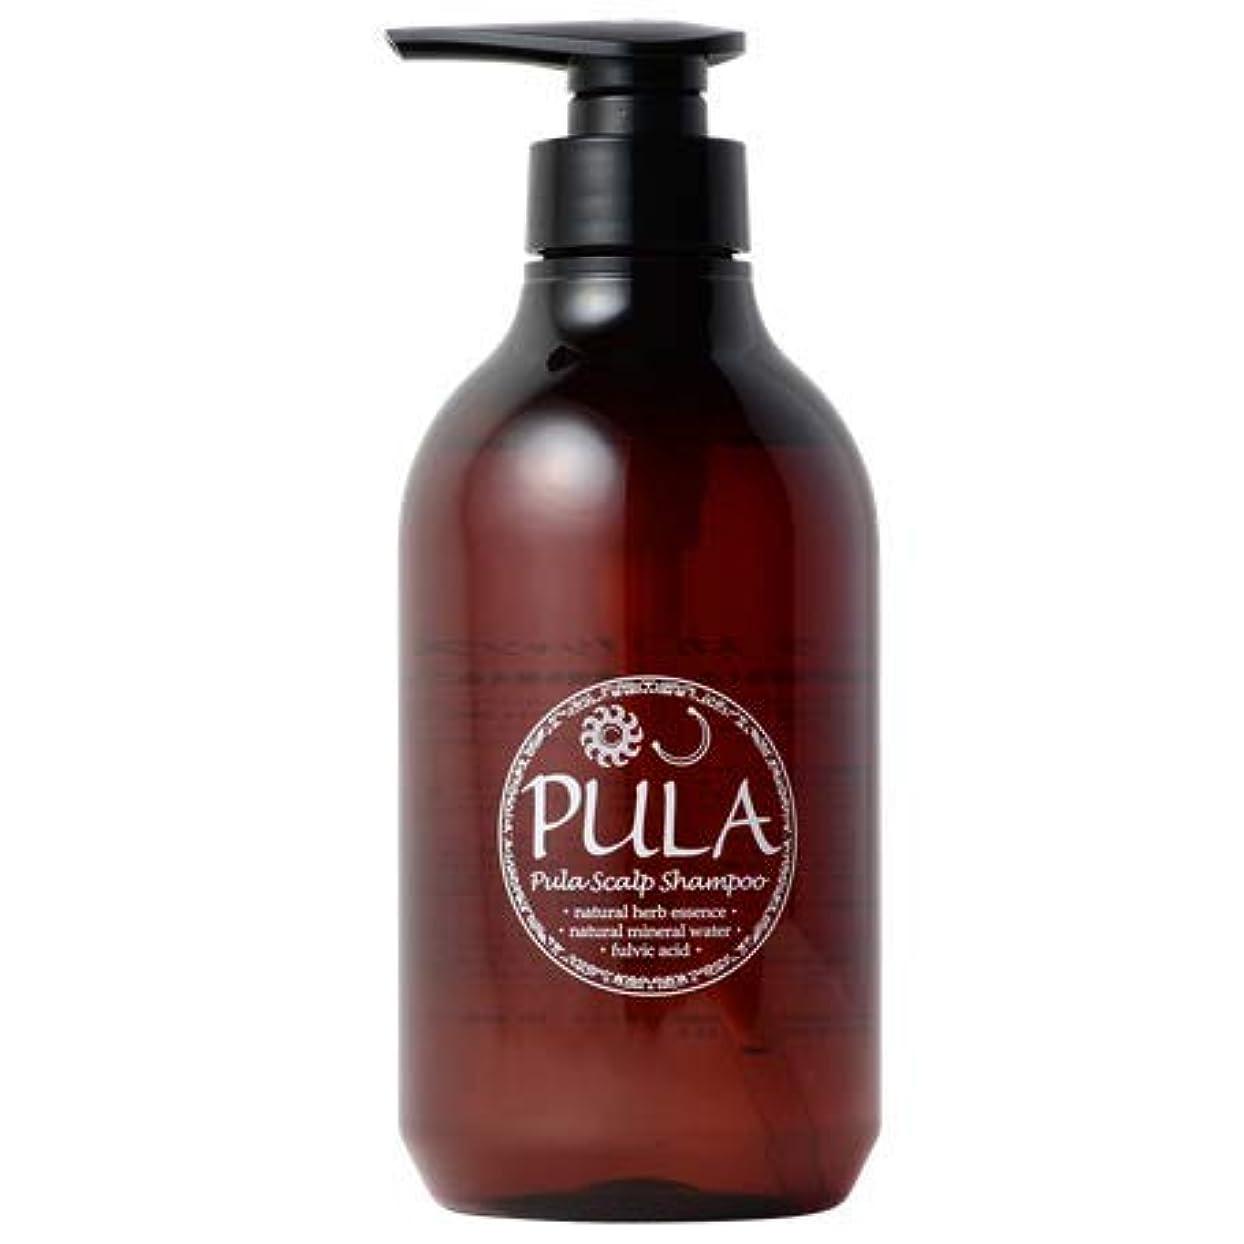 鼓舞する五シンプルなプーラ スカルプ シャンプー 500ml 【 天然フレグランス/頭皮に優しい 】 ヘッドスパ専門店 PULA 自然由来配合